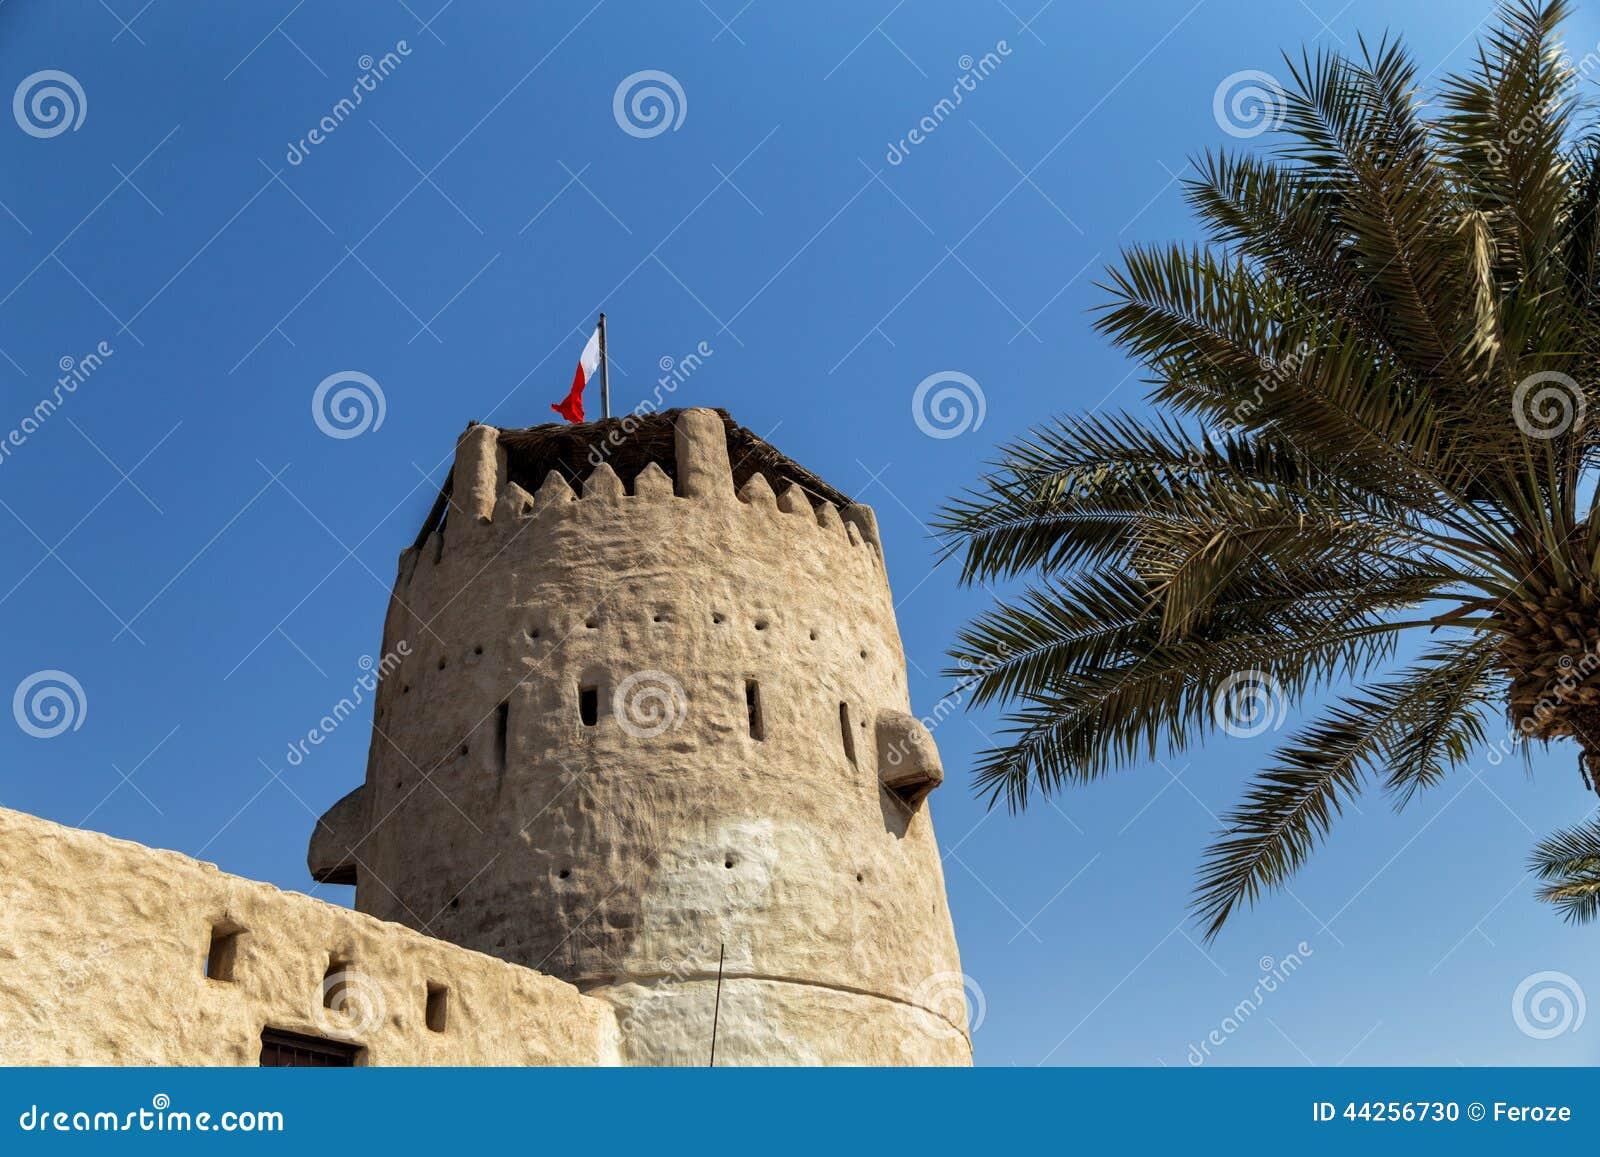 Umm Al Quwain Museum - United Arab Emirates